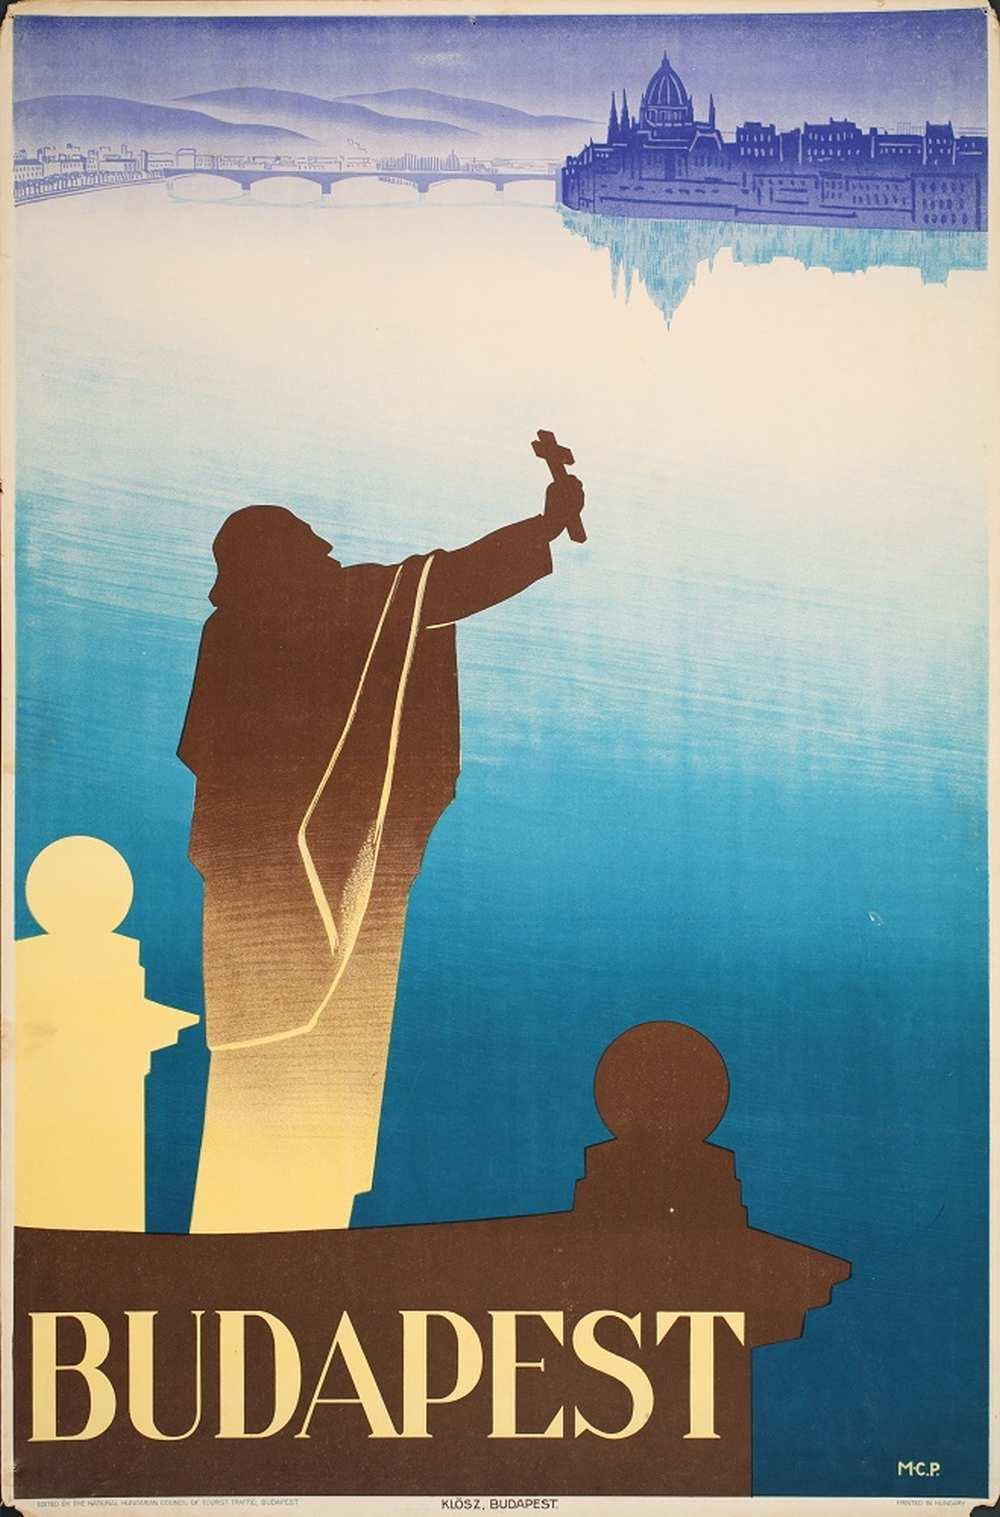 Molnár-C. Pál: Budapest (1931). Jelzet: PKG.1931/117 – Térkép-, Plakát- és Kisnyomtatványtár http://nektar.oszk.hu/hu/manifestation/2790841